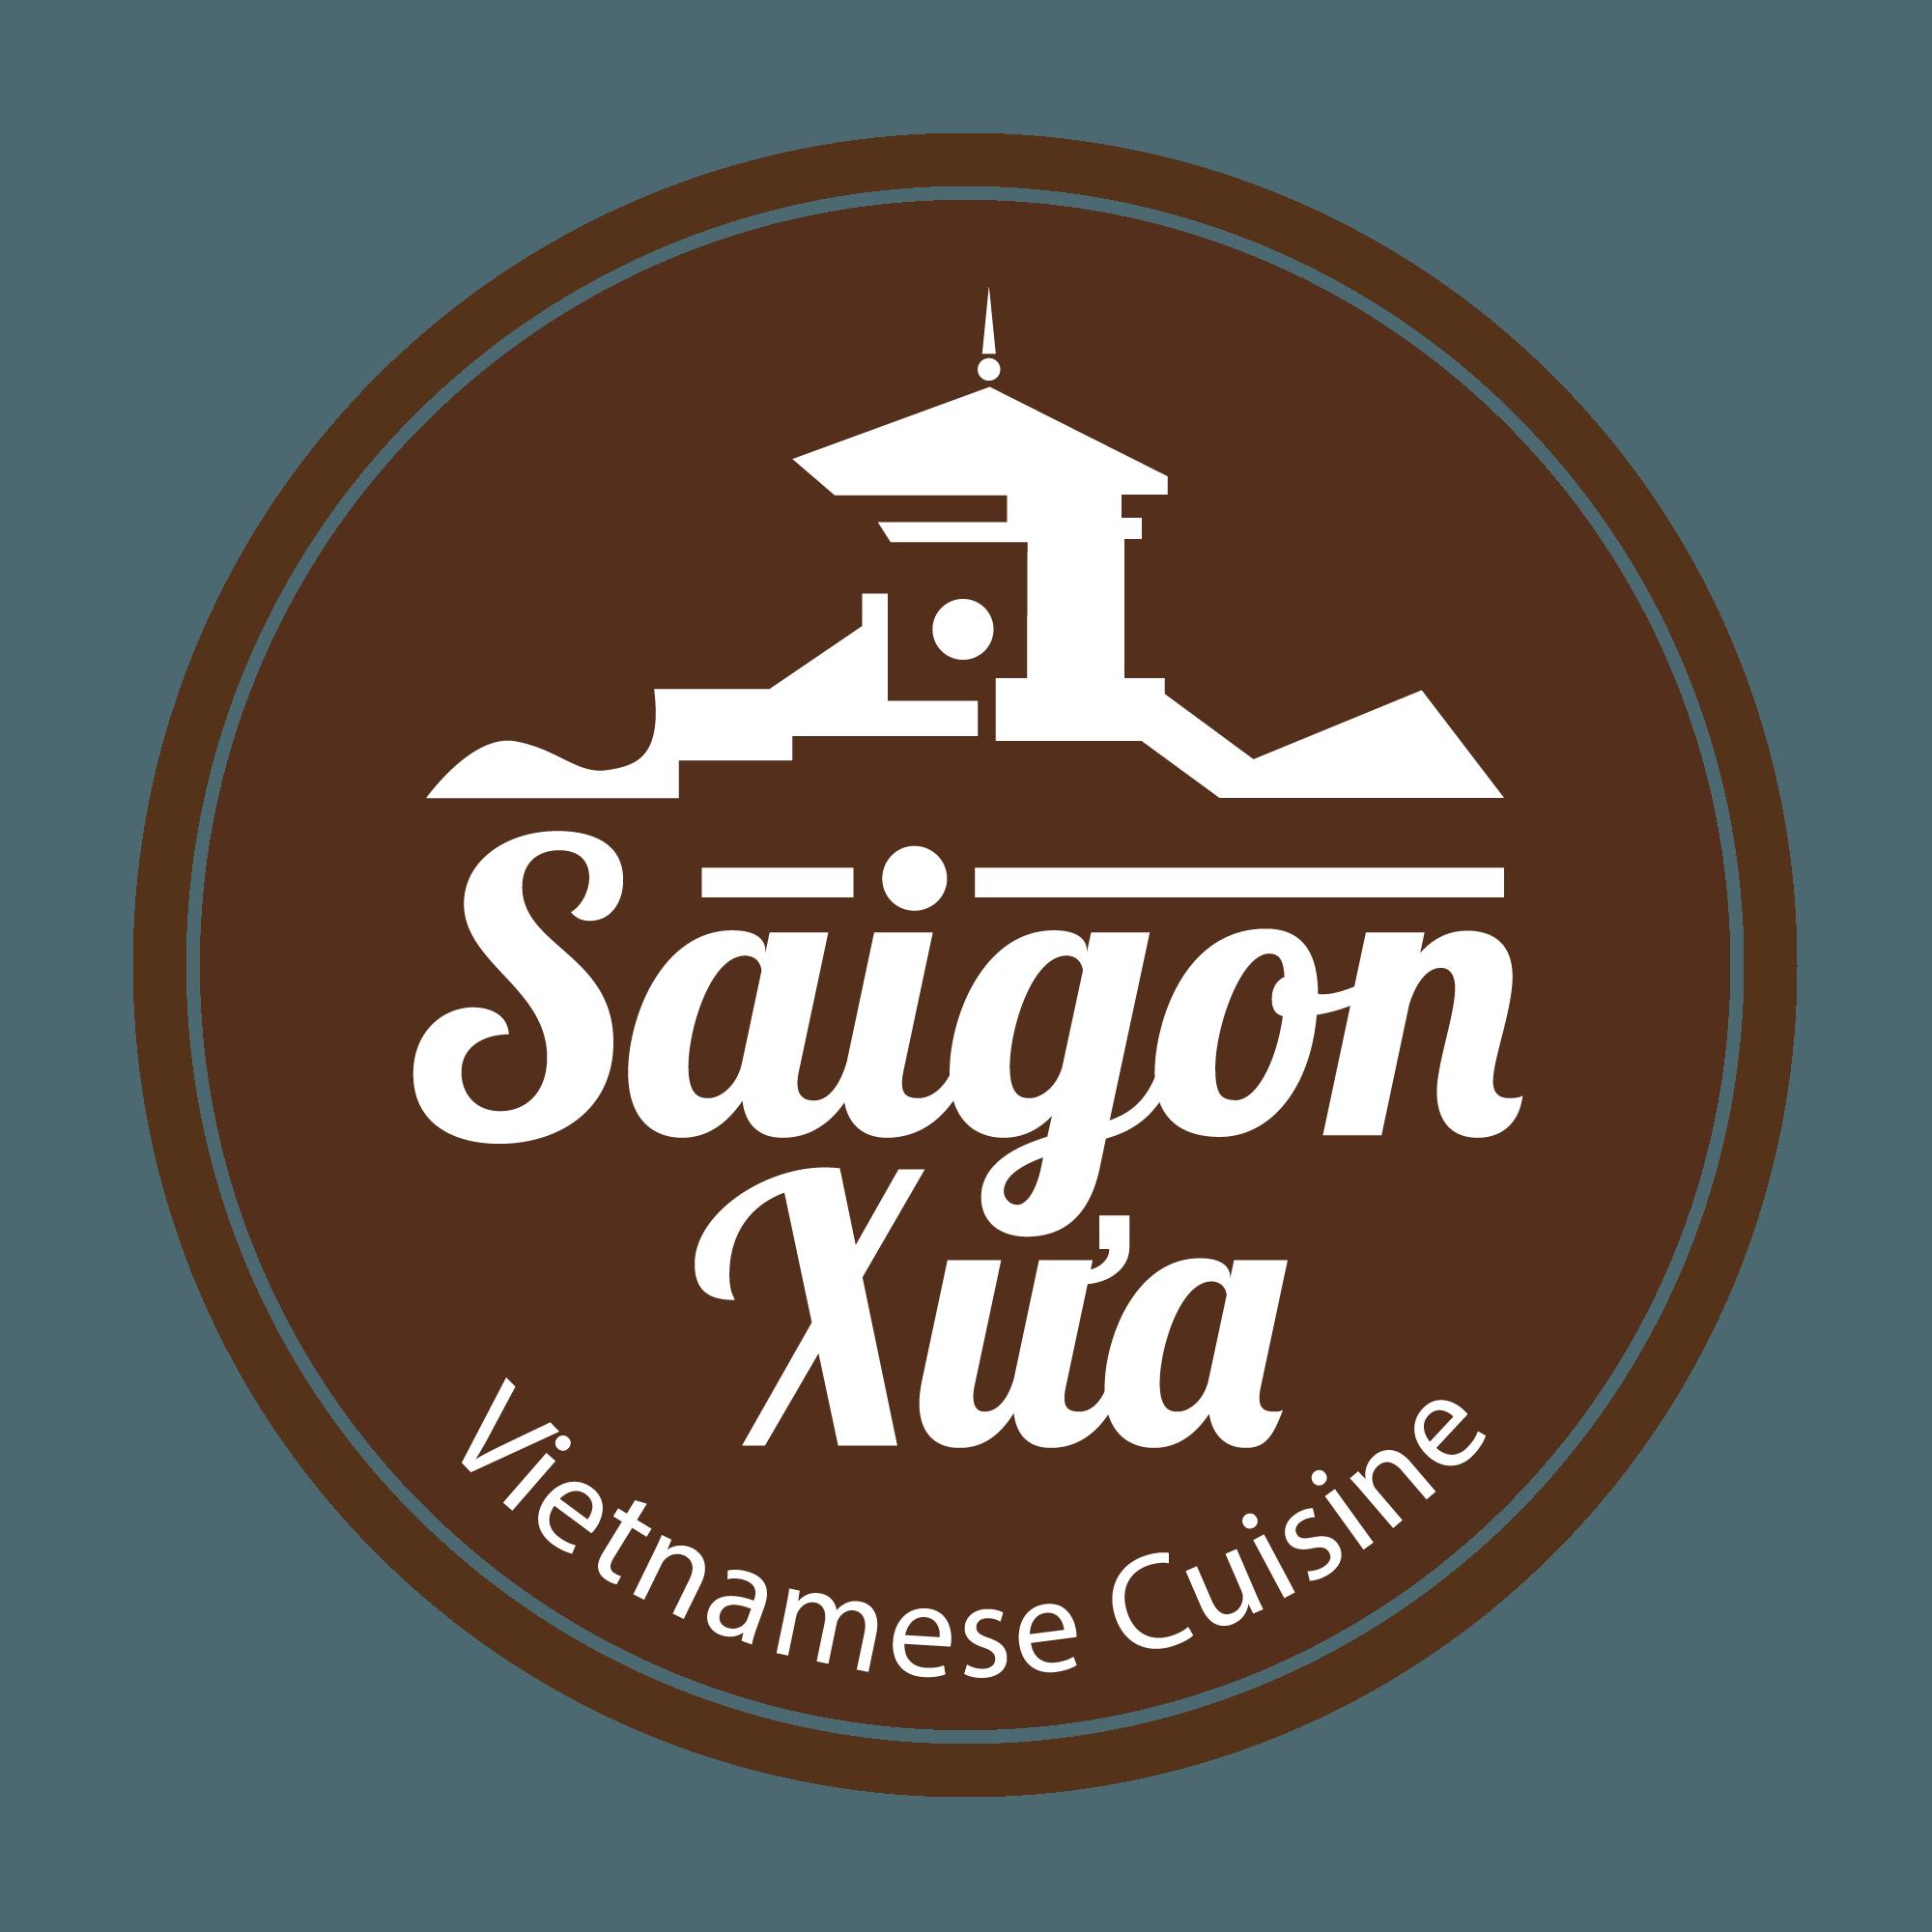 Saigon Xua